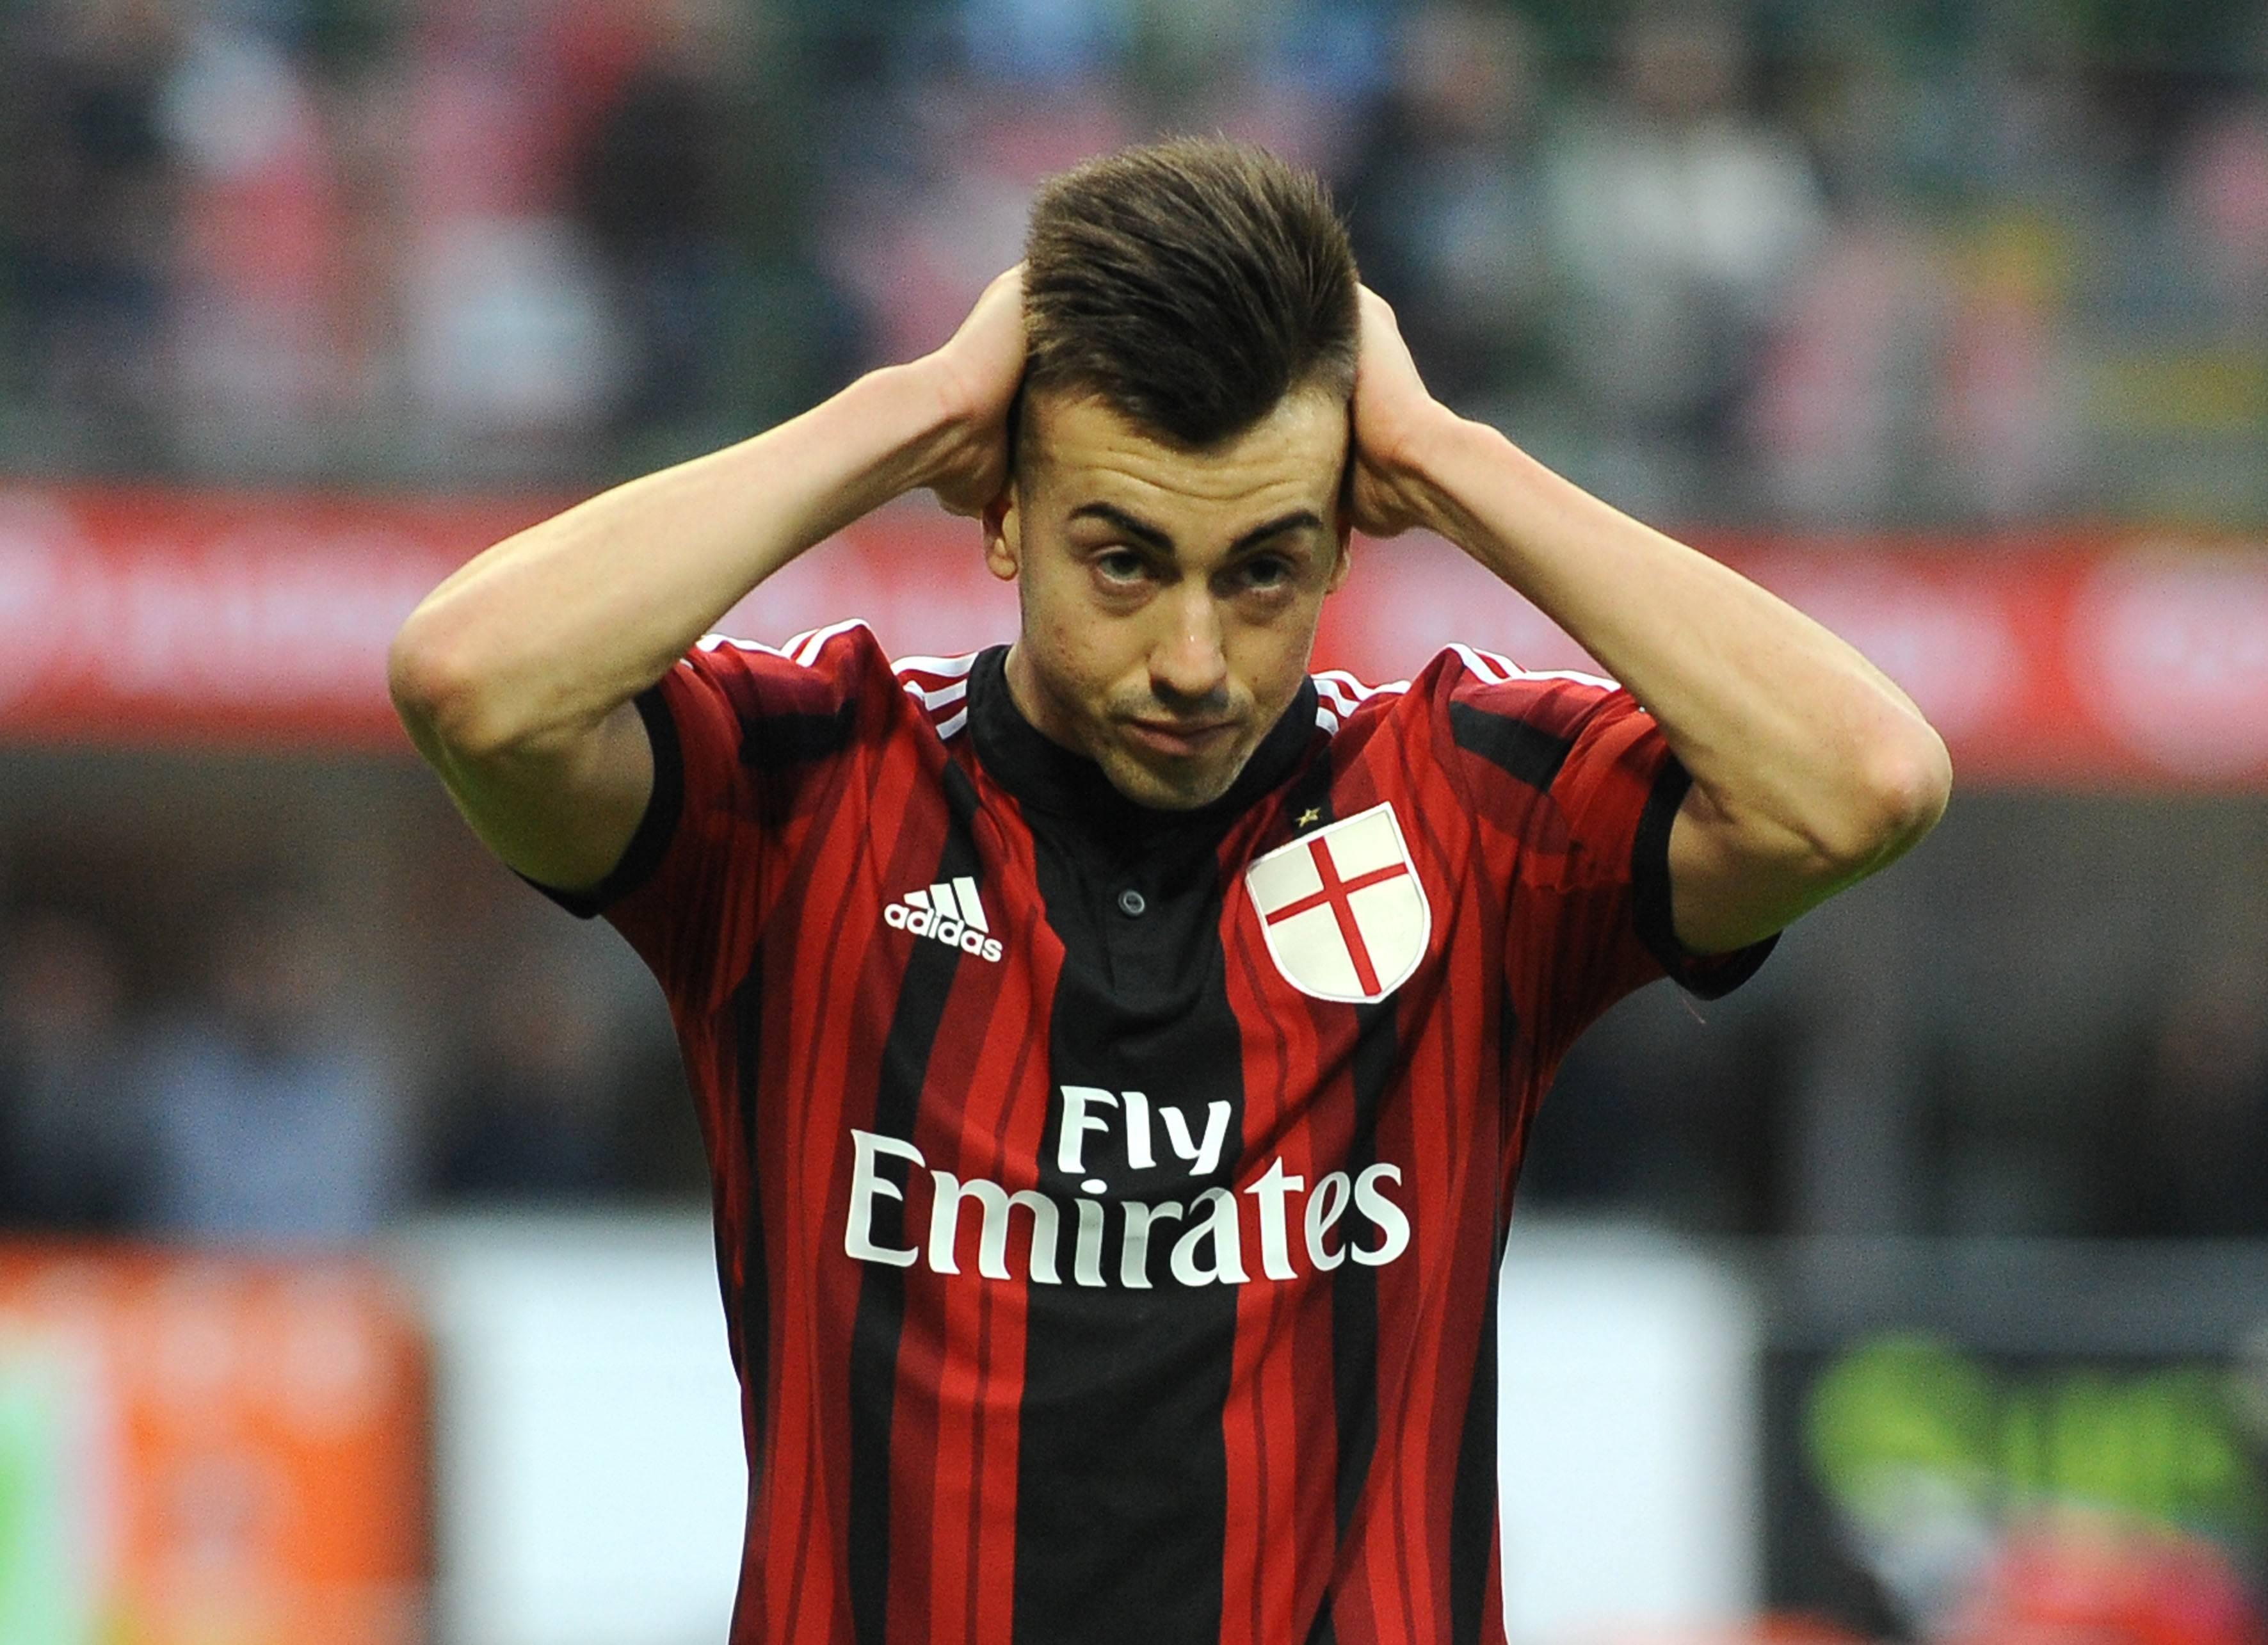 Calciomercato-Milan-El-Shaarawy